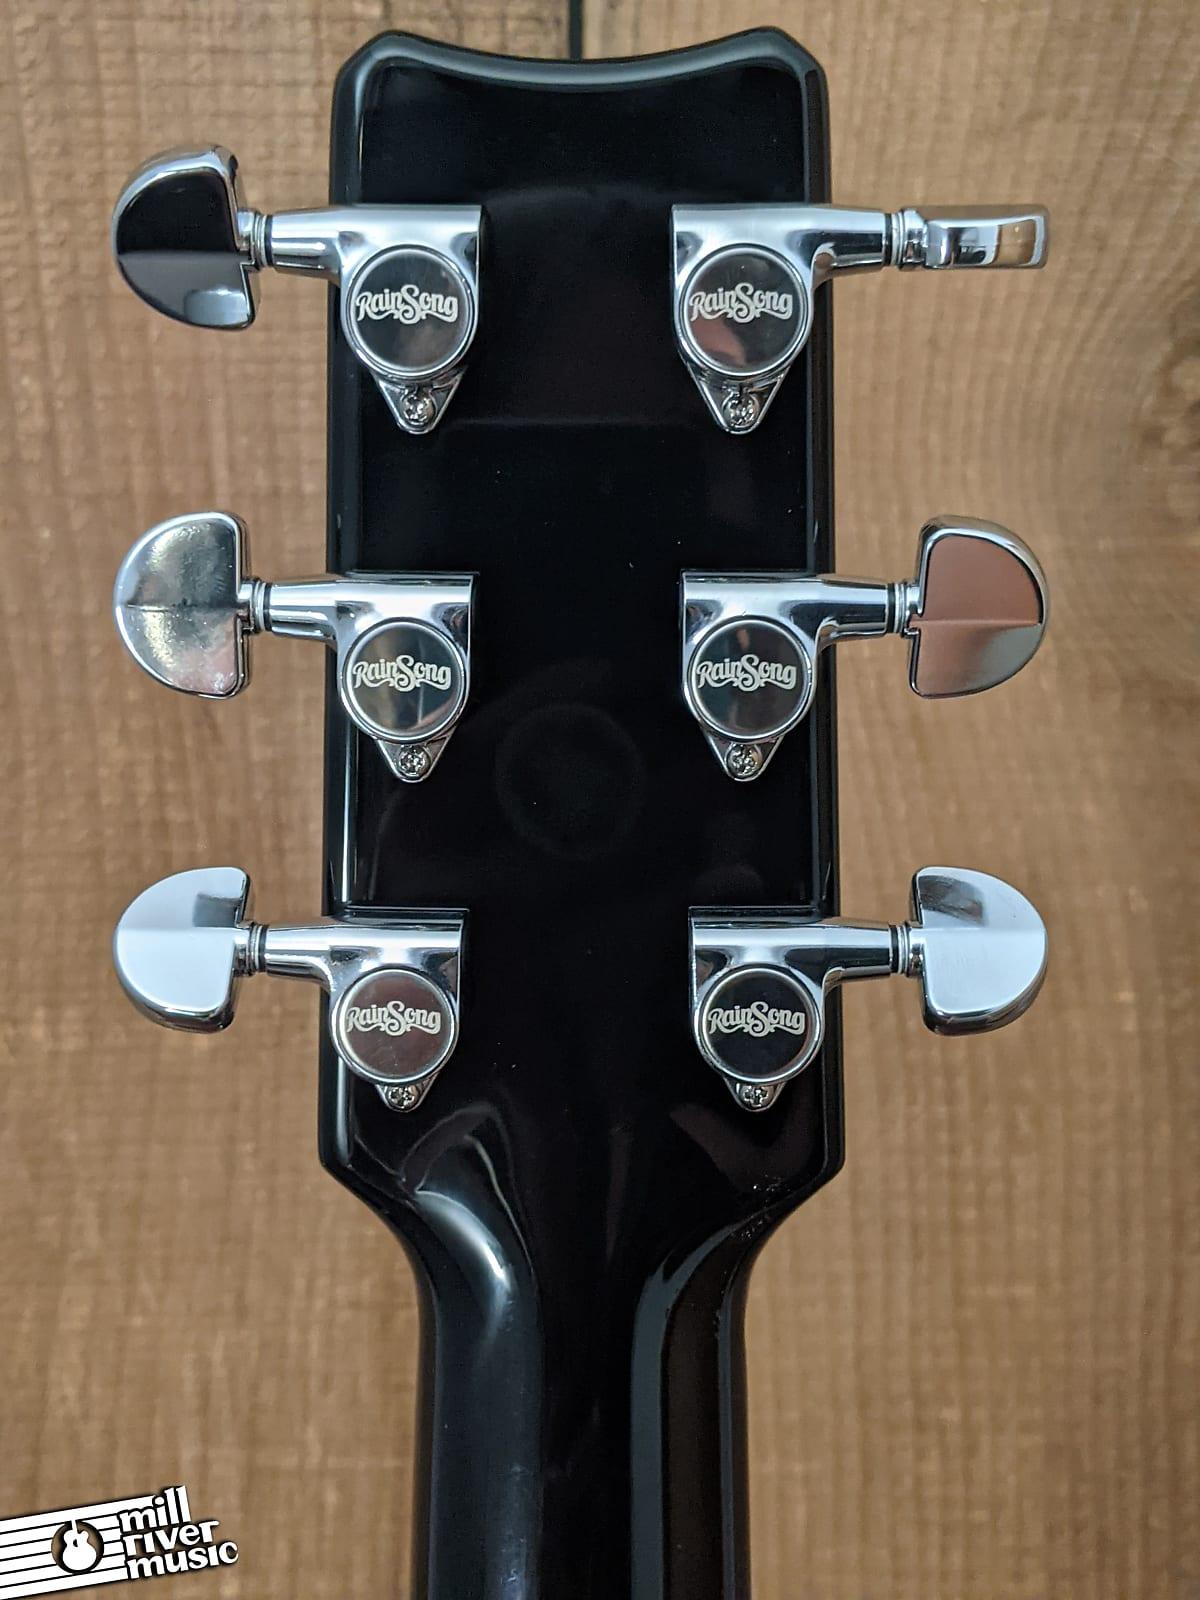 Rainsong Nashville Jumbo Carbon-Fiber Acoustic Electric Guitar w/HSC N-JM1000N2